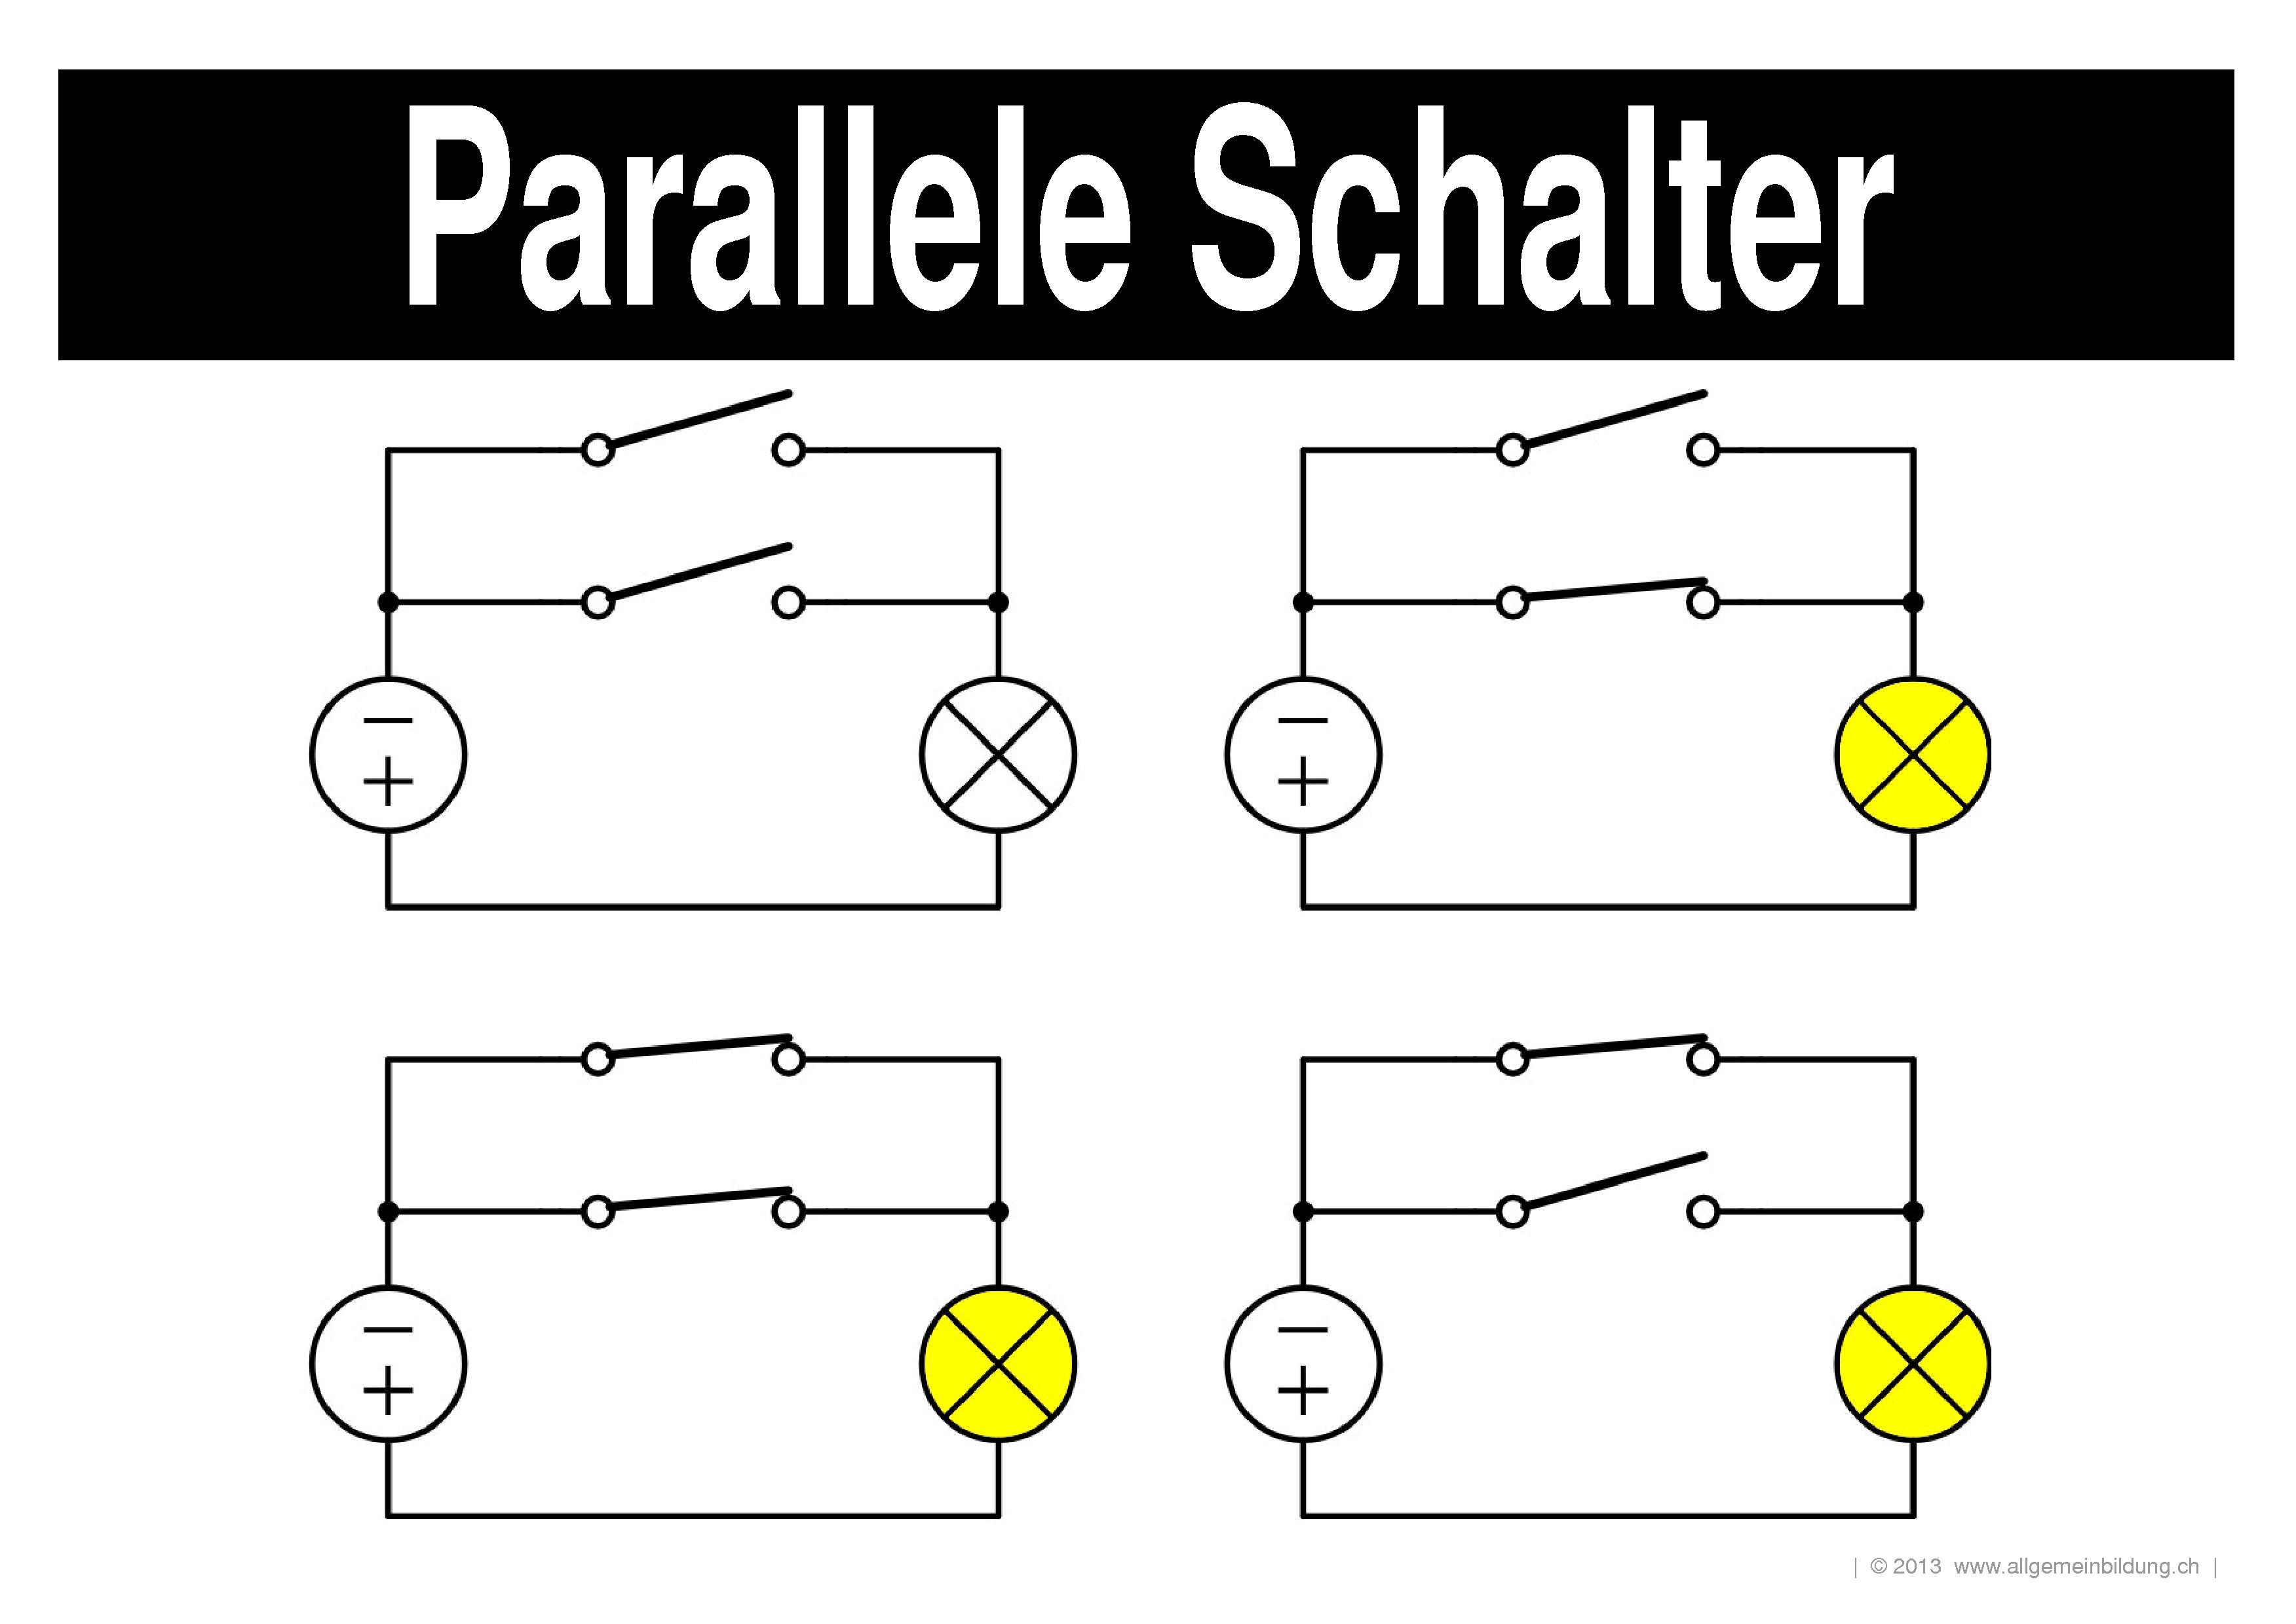 Erfreut Elektrischer Schalter In Reihe Ideen - Der Schaltplan ...